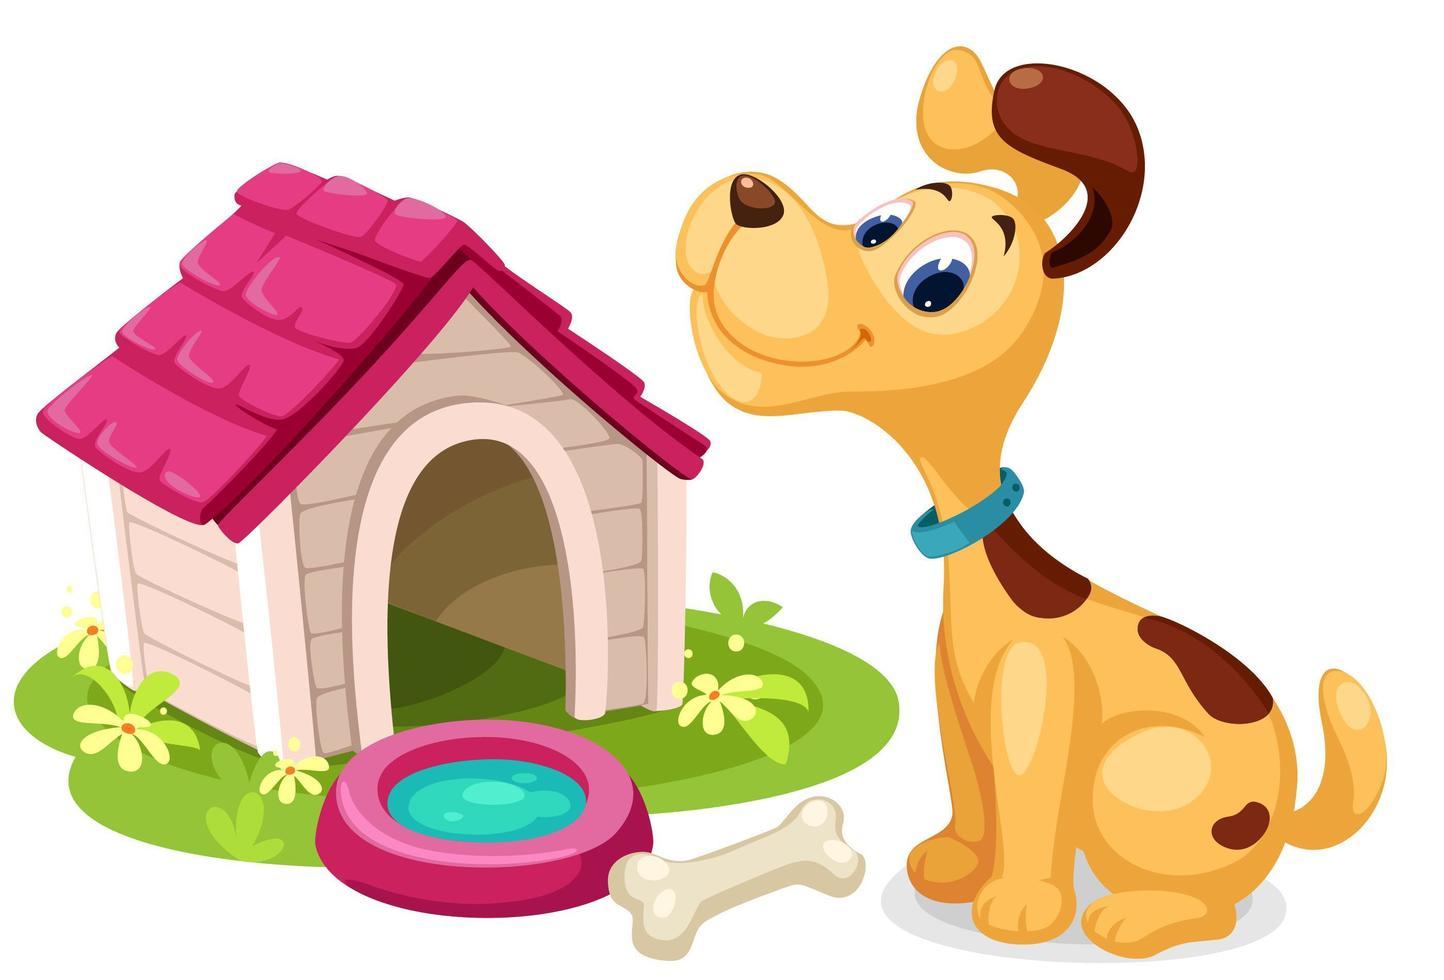 söt tecknad hund med litet hus vektor